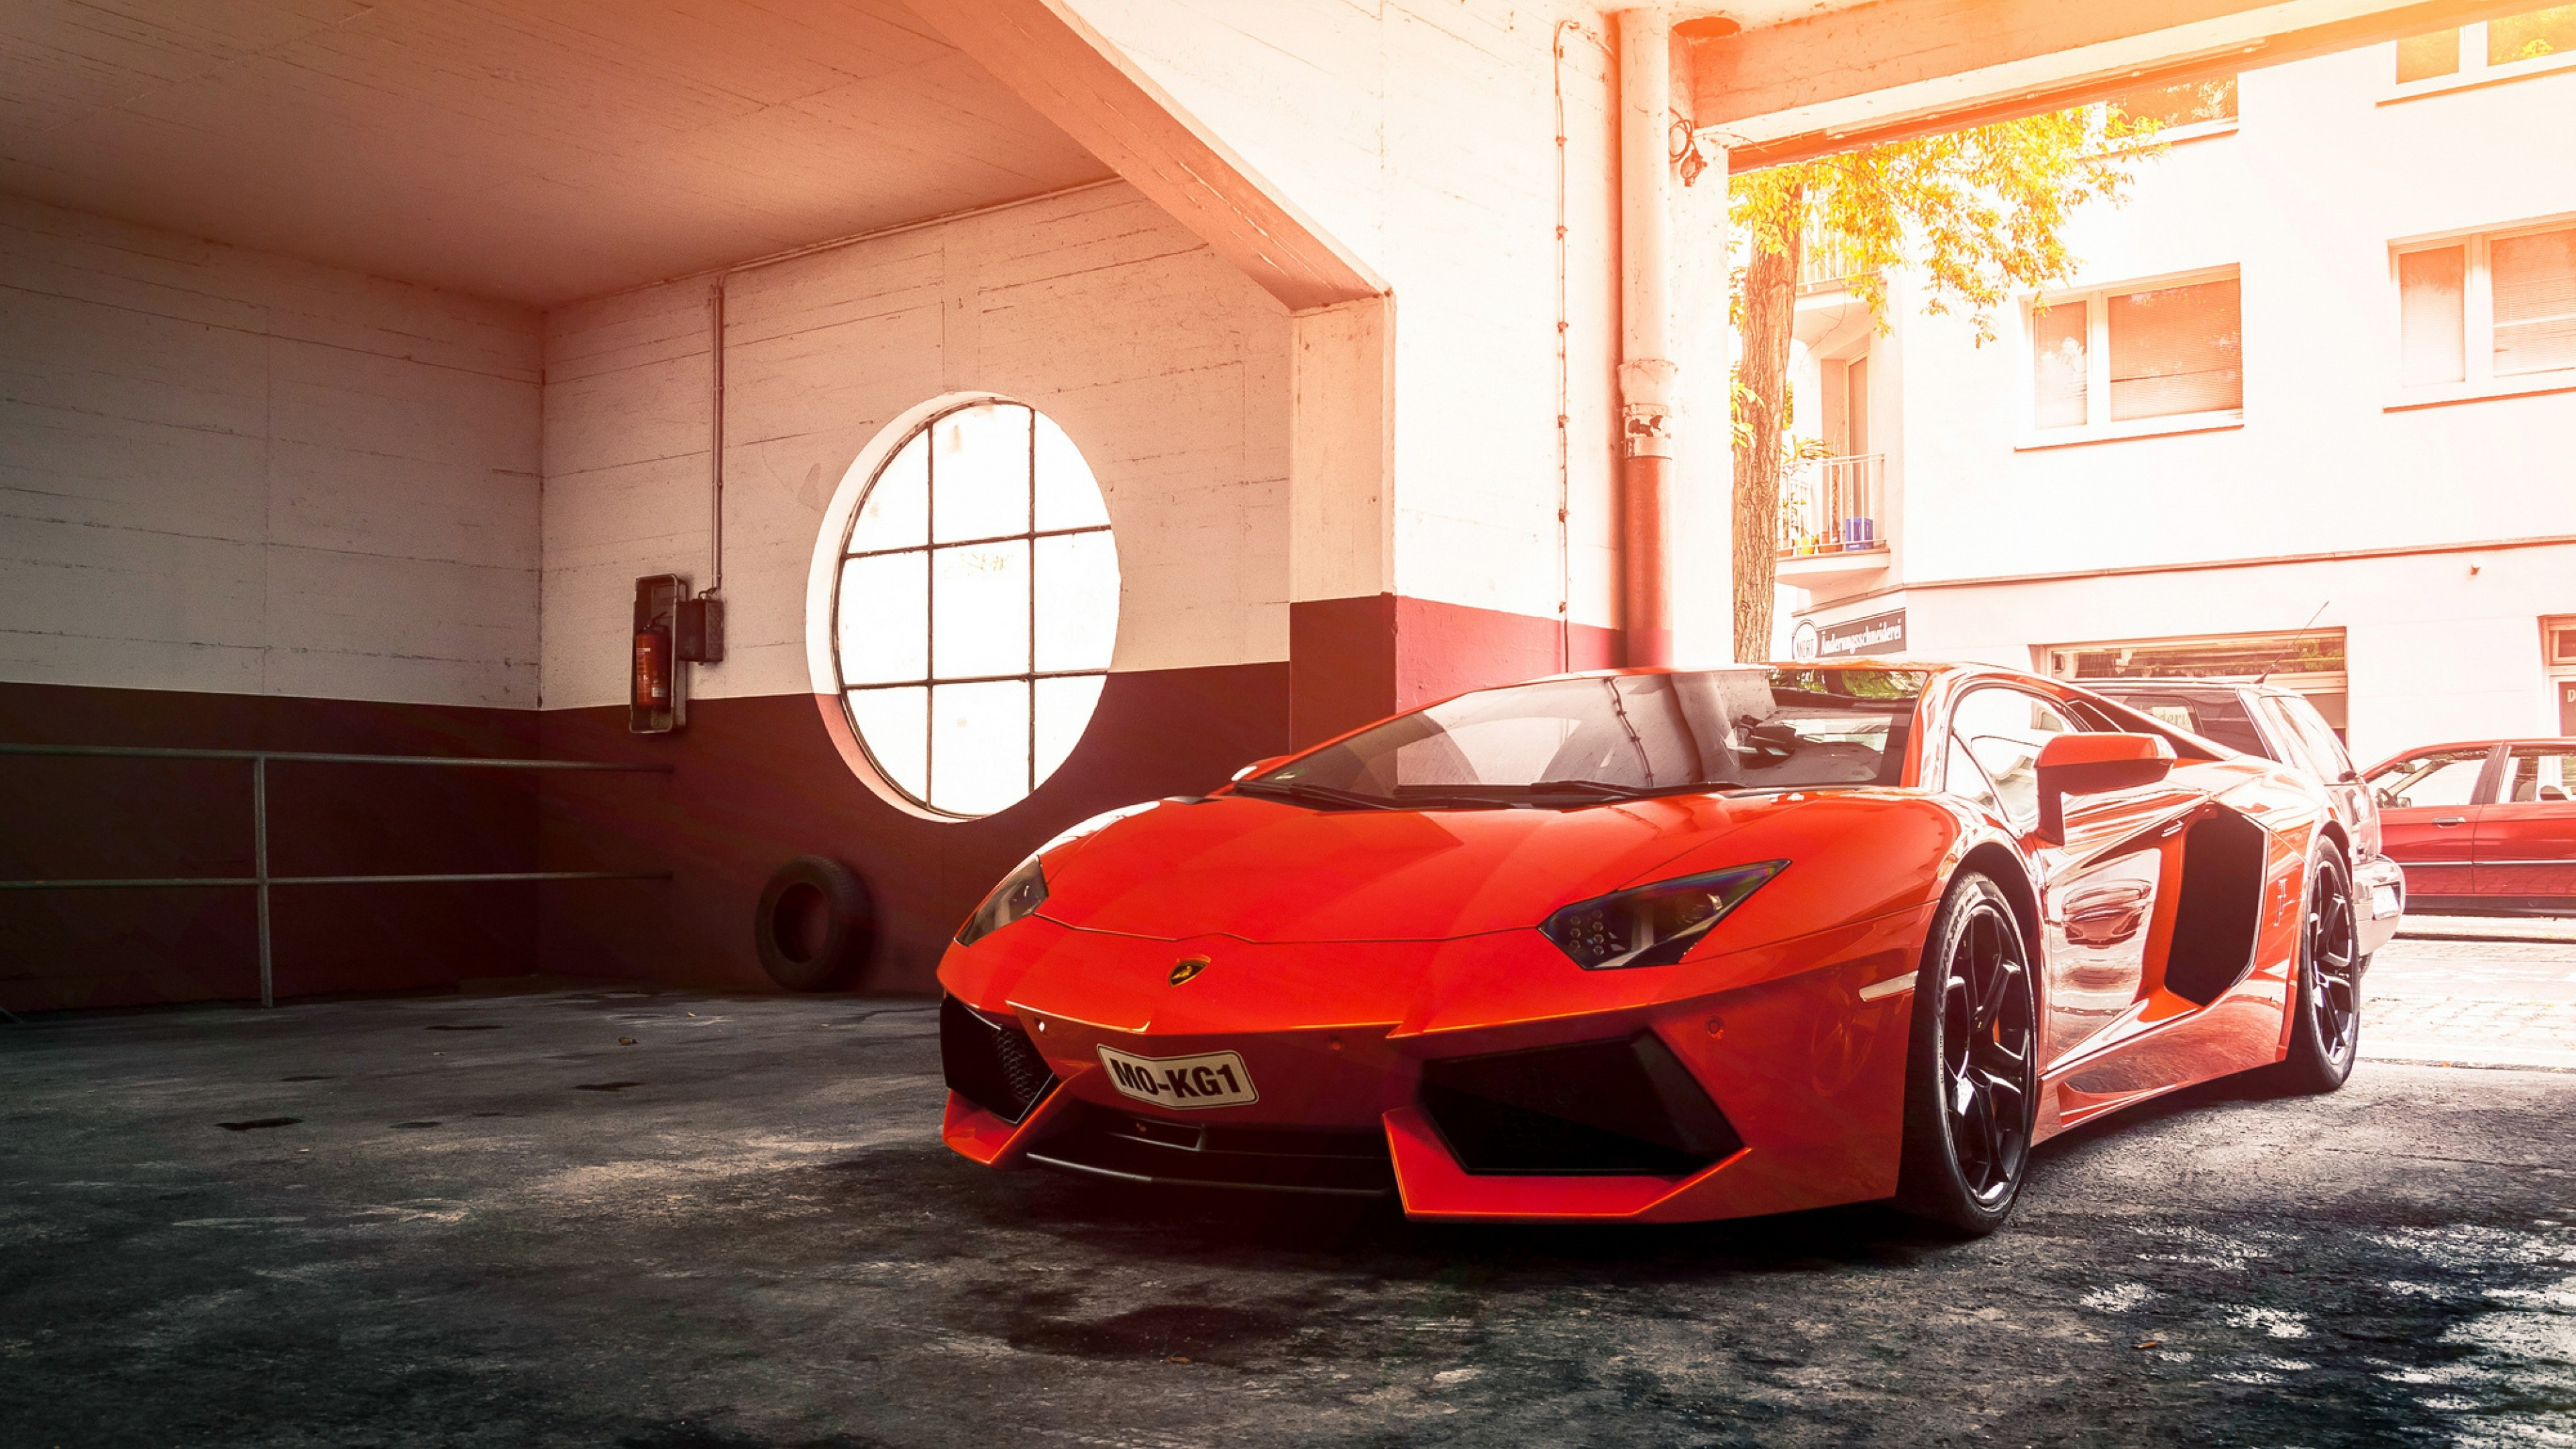 Lamborghini Aventador Car 4k Hd Desktop Wallpaper For 4k: Lamborghini Aventador Red Wallpaper